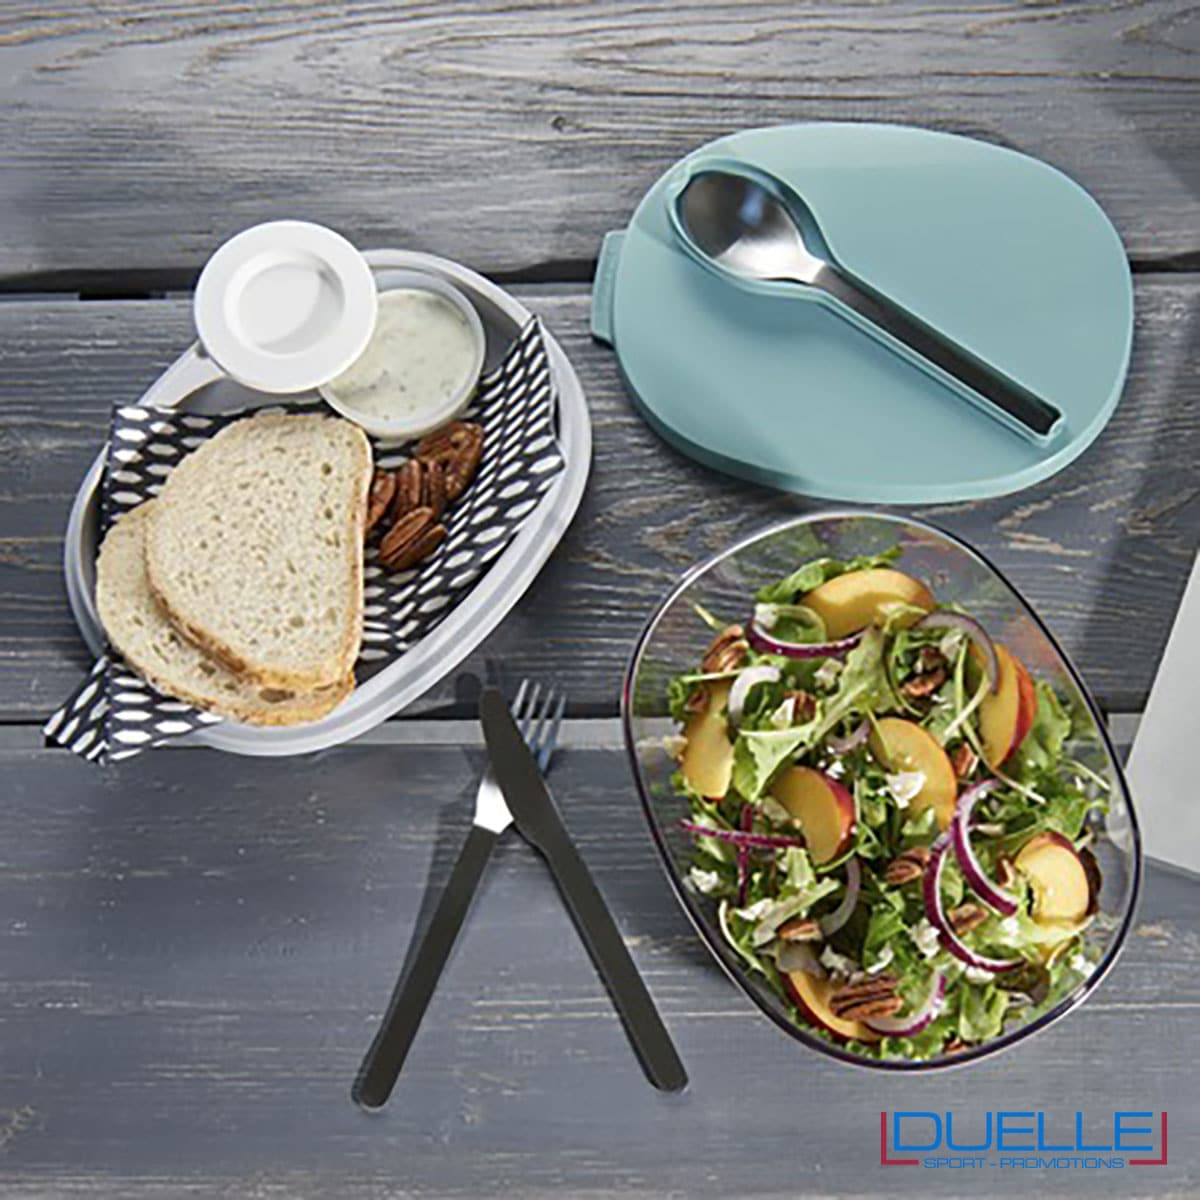 Porta insalata personalizzabile con il tuo logo